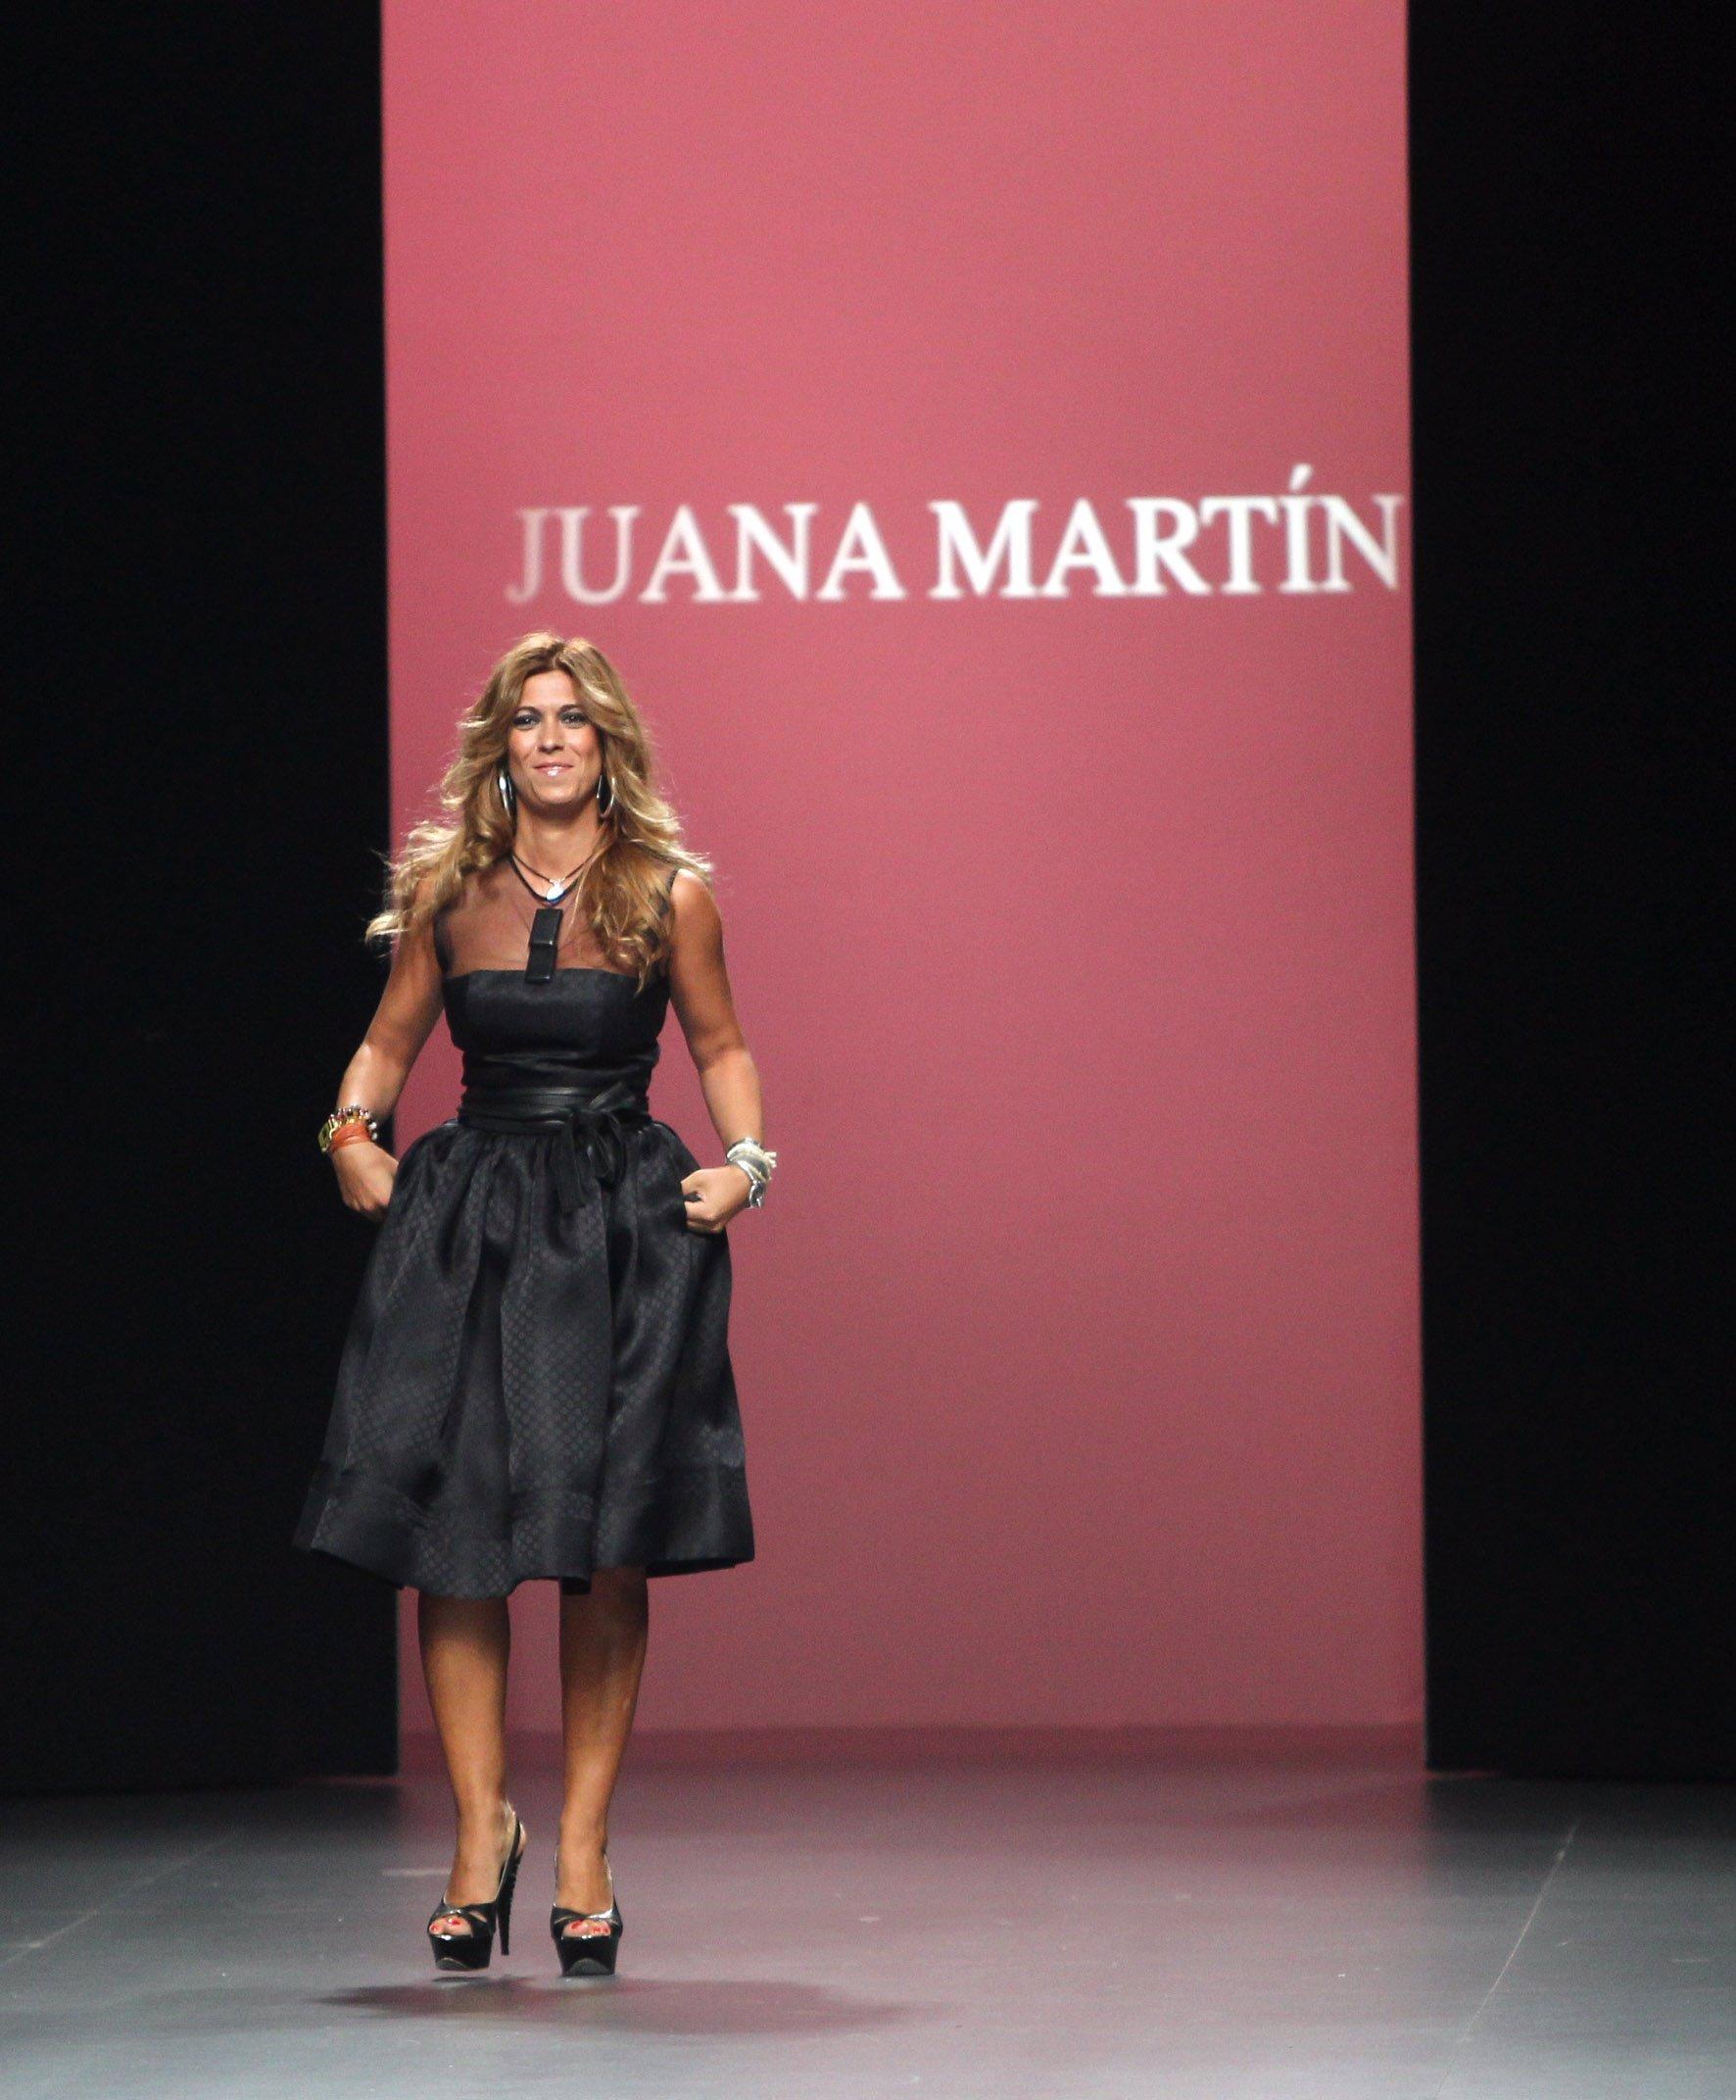 La Diseñadora Juana Martín En Uno De Sus Desfiles De Cibeles